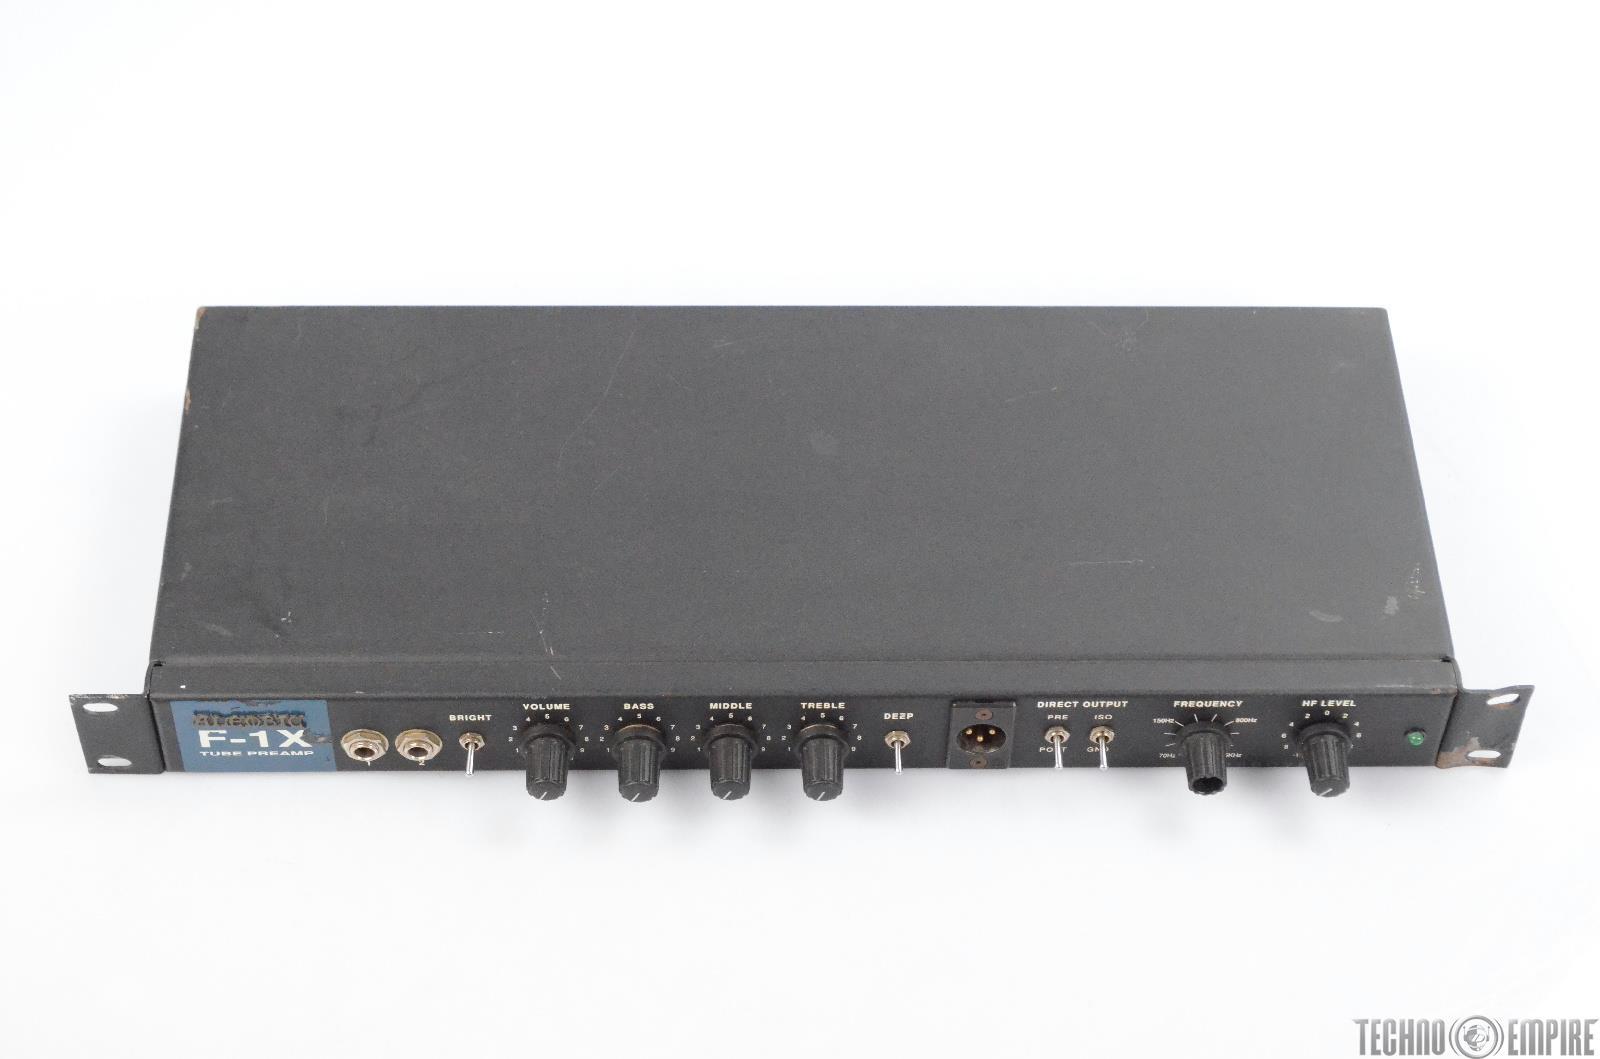 Alembic F 1x Tubo Bass Preamp Pre Amplificador Mono F1x 30333 Ebay